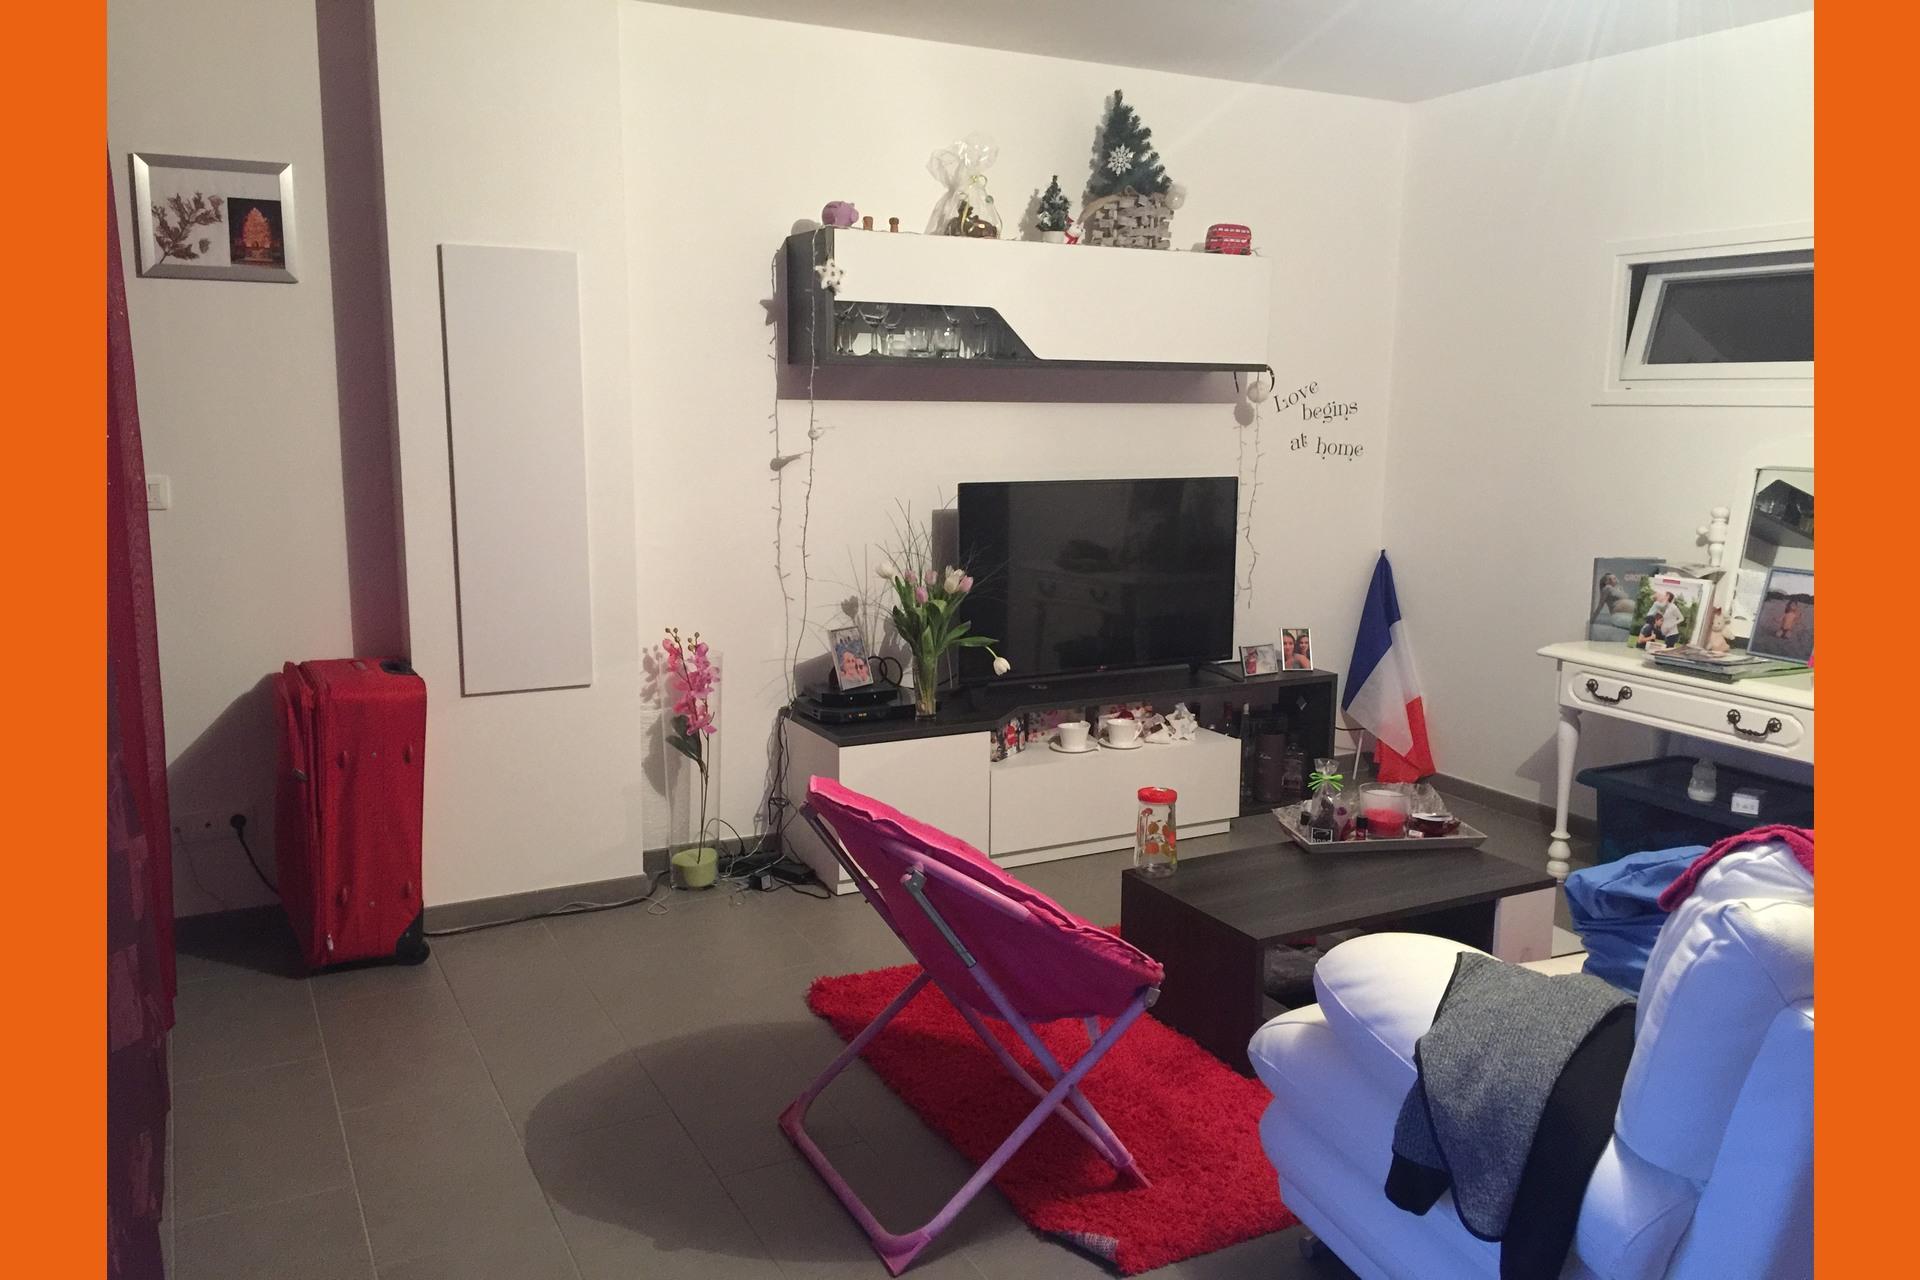 image 3 - Appartement À louer Ars-sur-Moselle